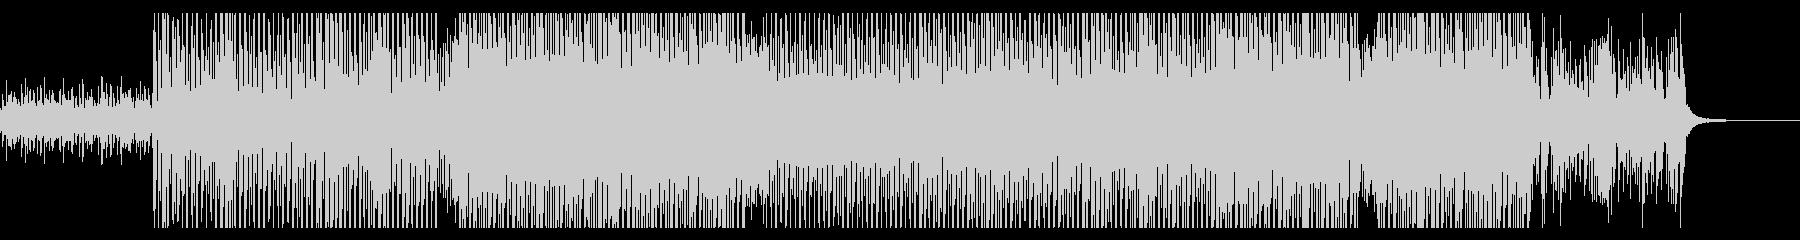 和太鼓を使ったエキサイティング和風テクノの未再生の波形